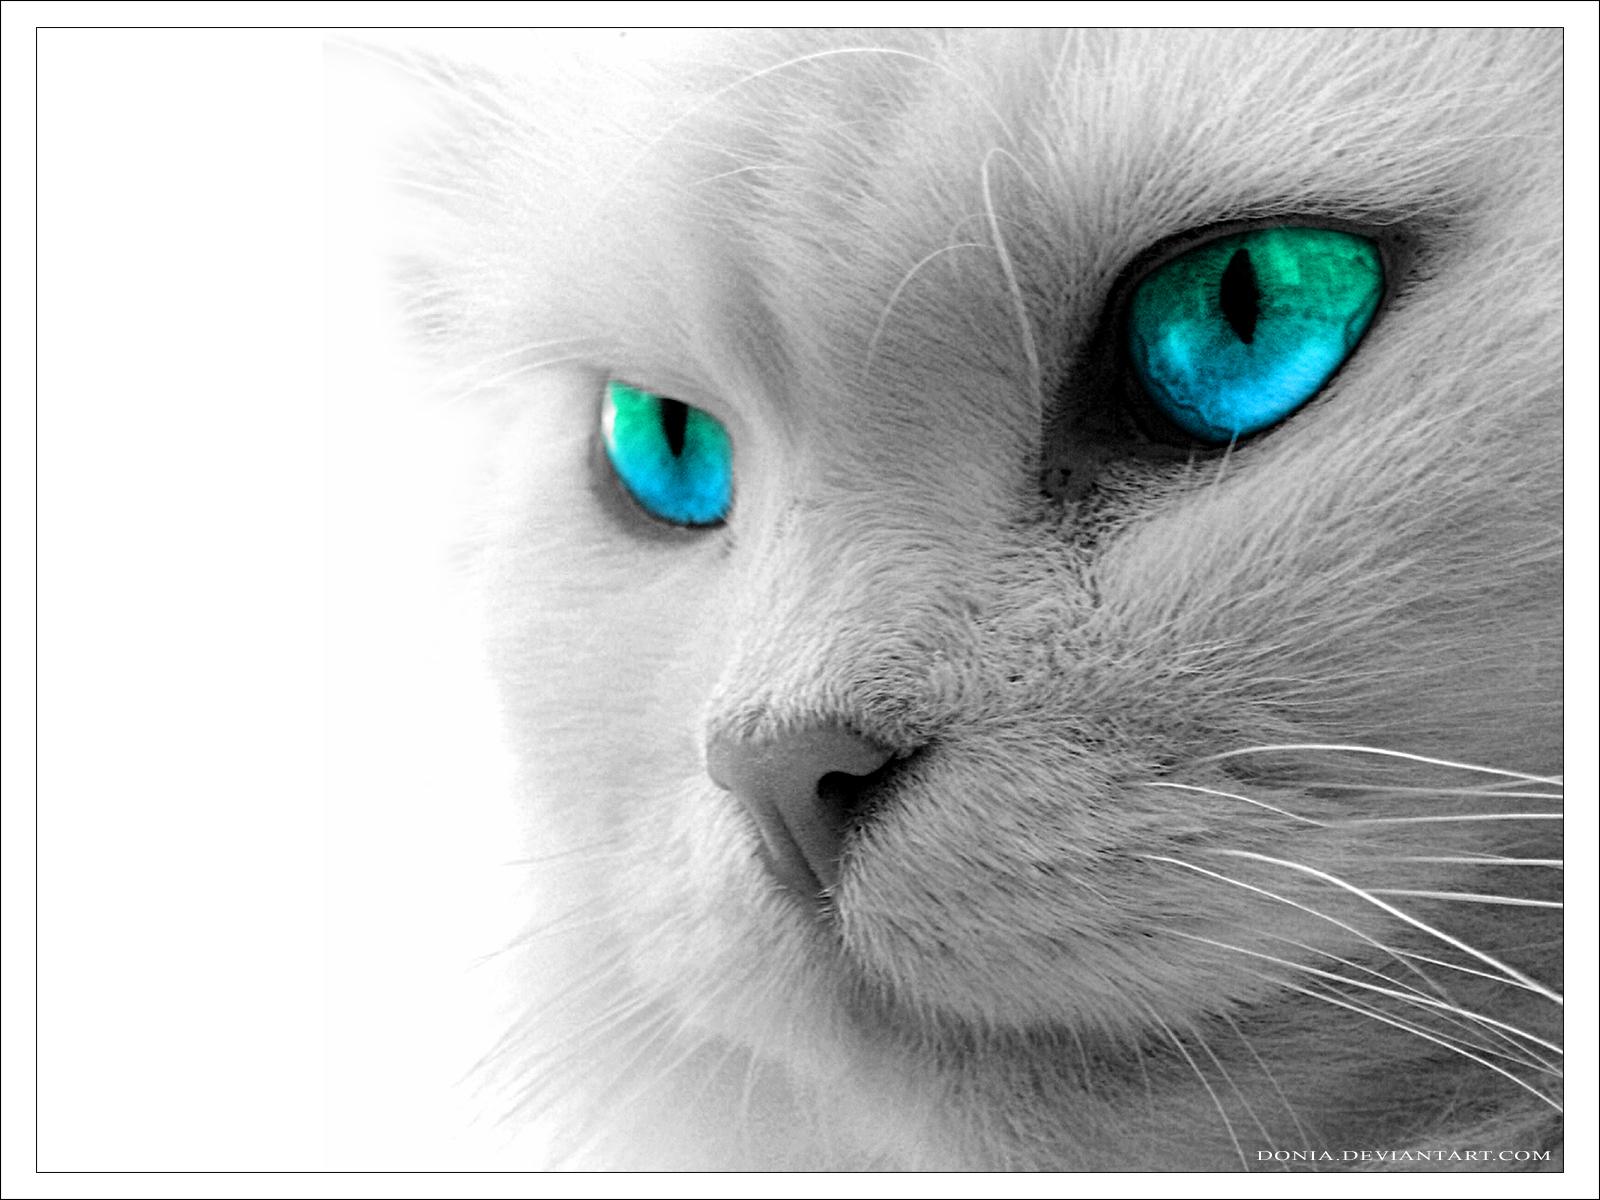 Kitty - Cats Wallpaper (32965081) - Fanpop